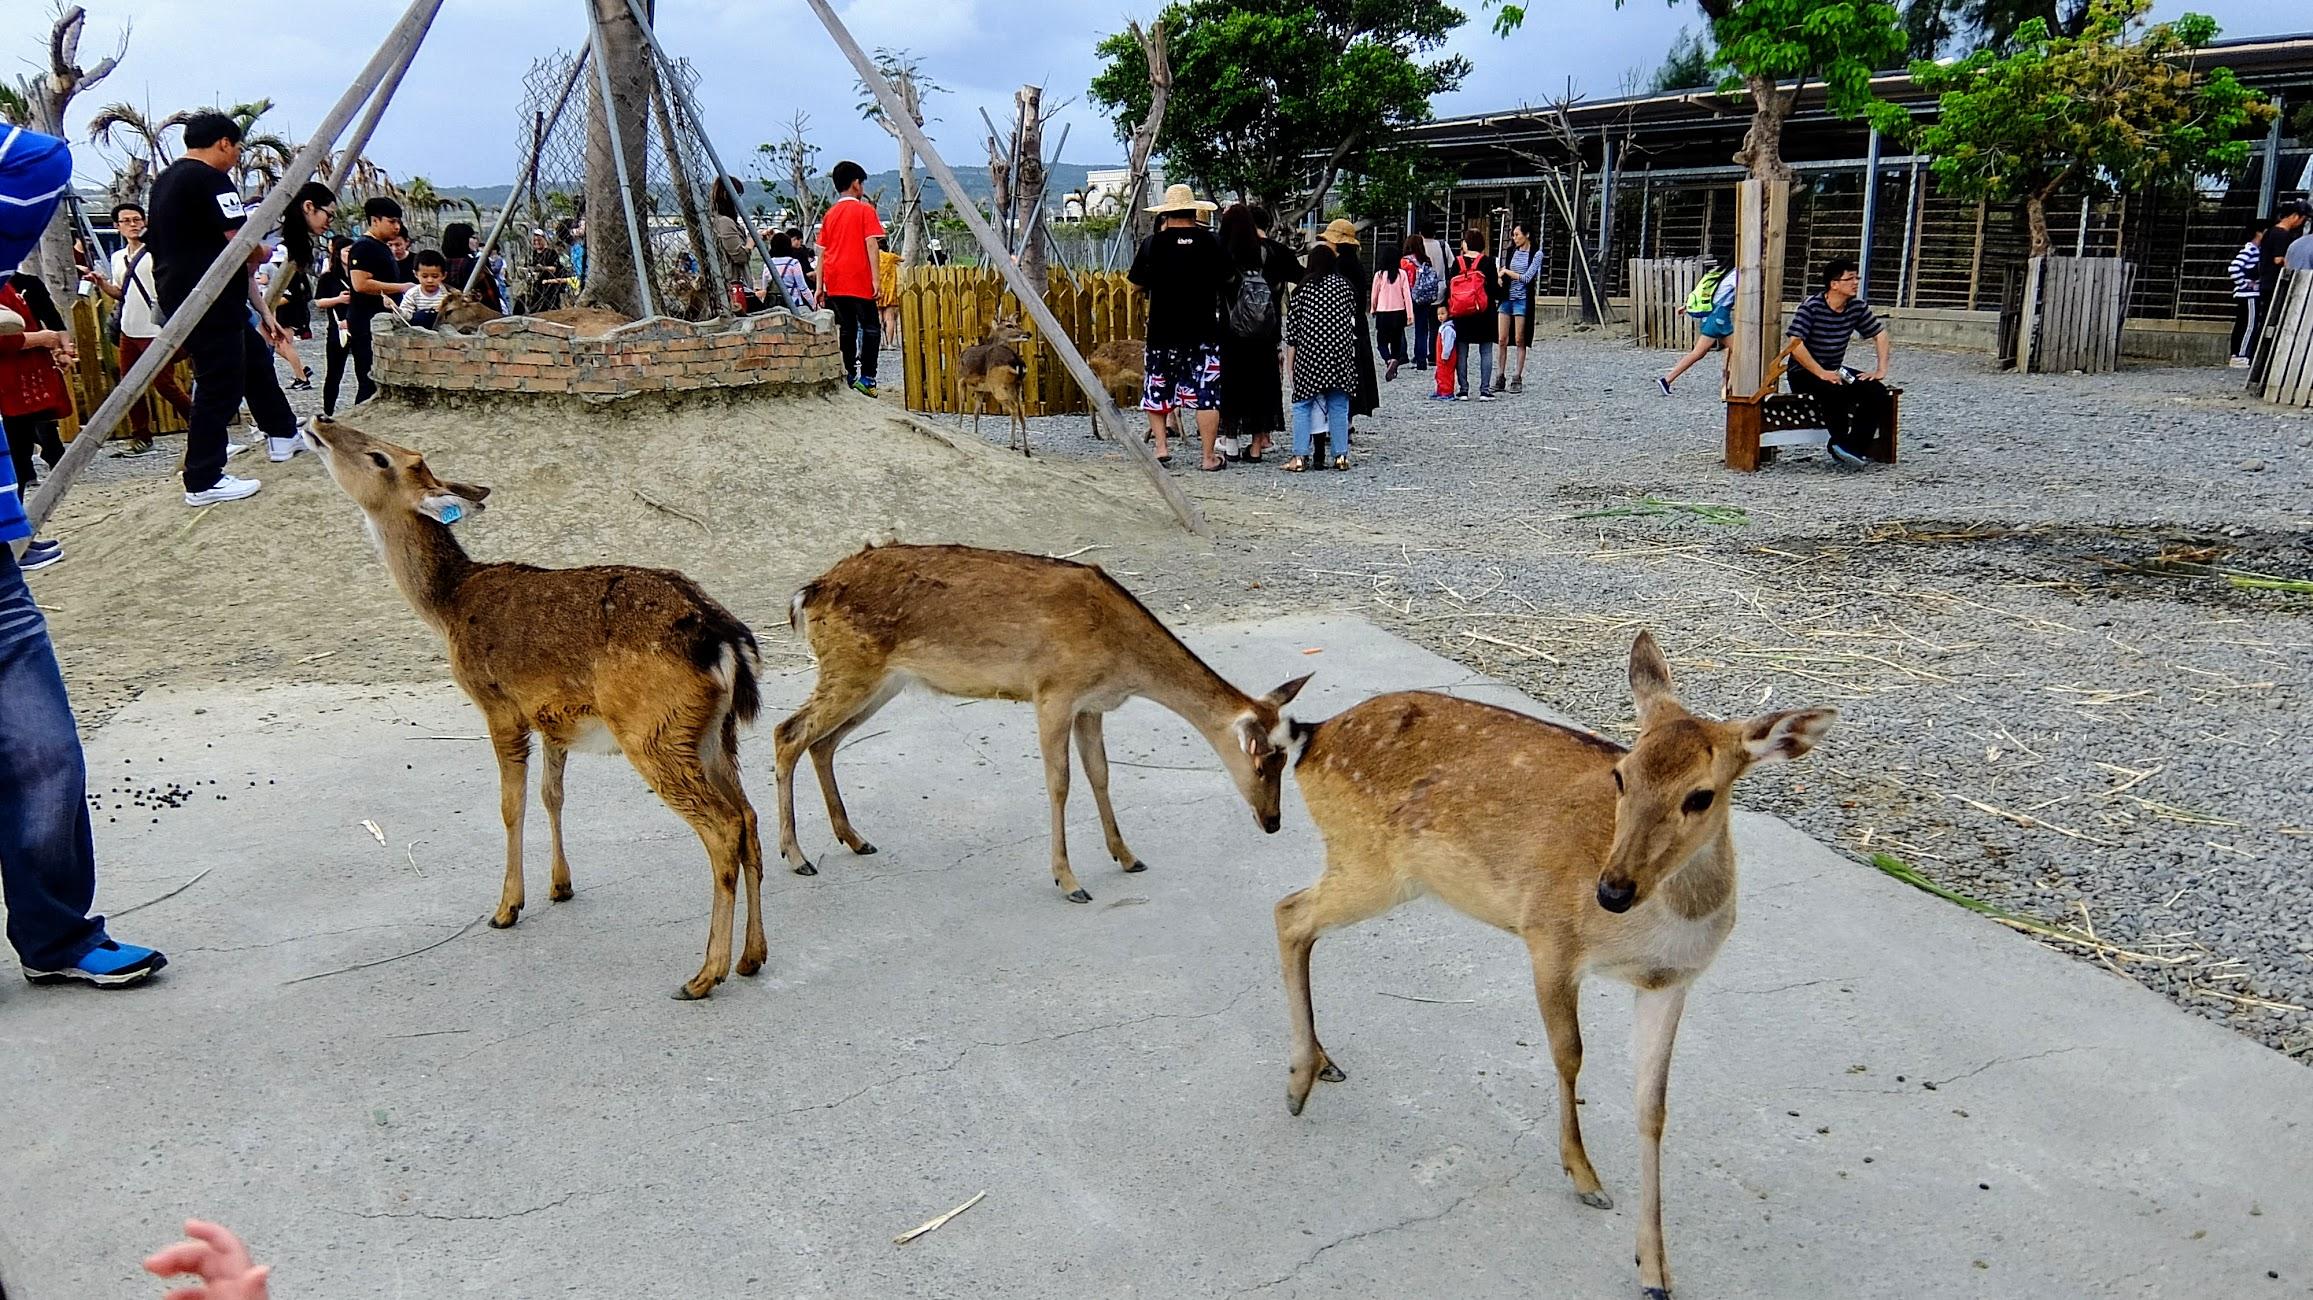 其實遊客很多,餵食的人也多,所以有些鹿早就吃飽飽了